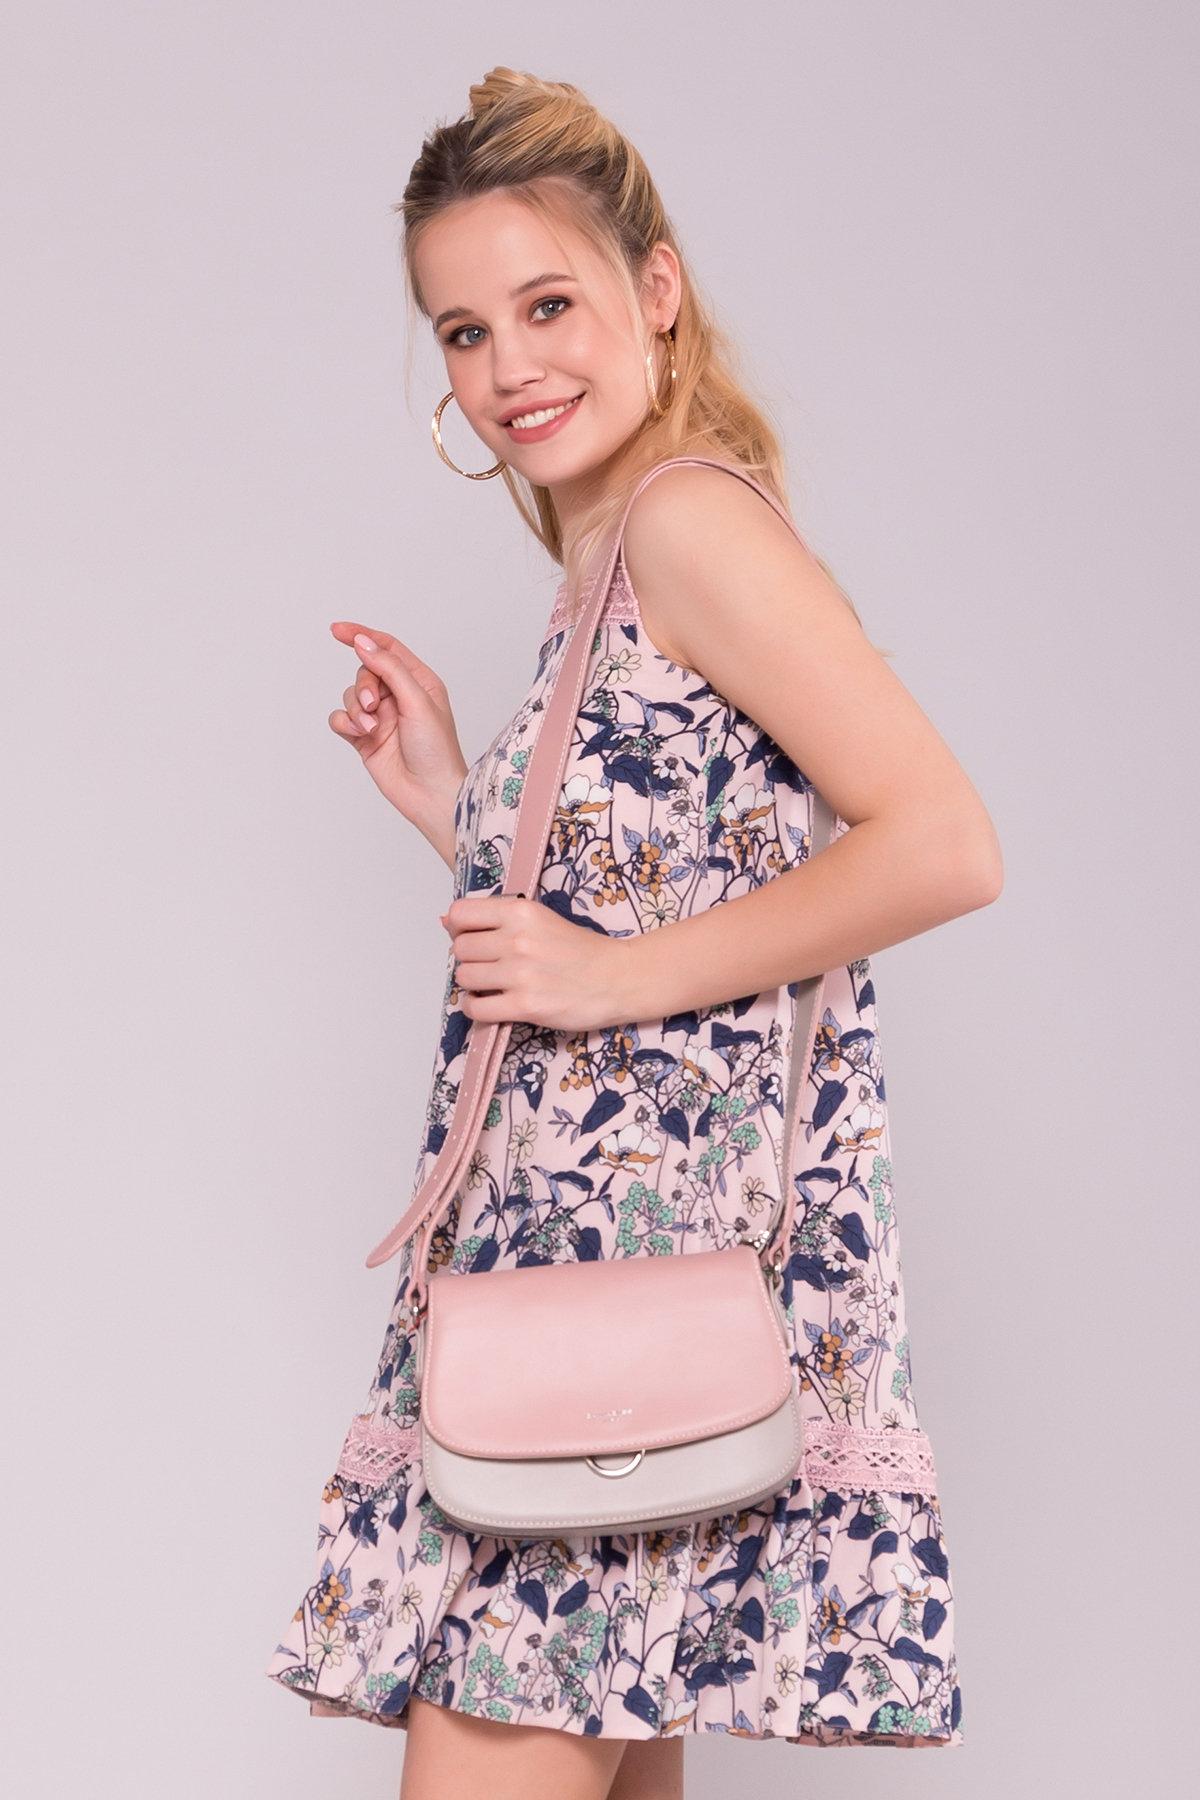 Платье Инга 7063 АРТ. 43066 Цвет: Абстрак цветы/пудра - фото 3, интернет магазин tm-modus.ru